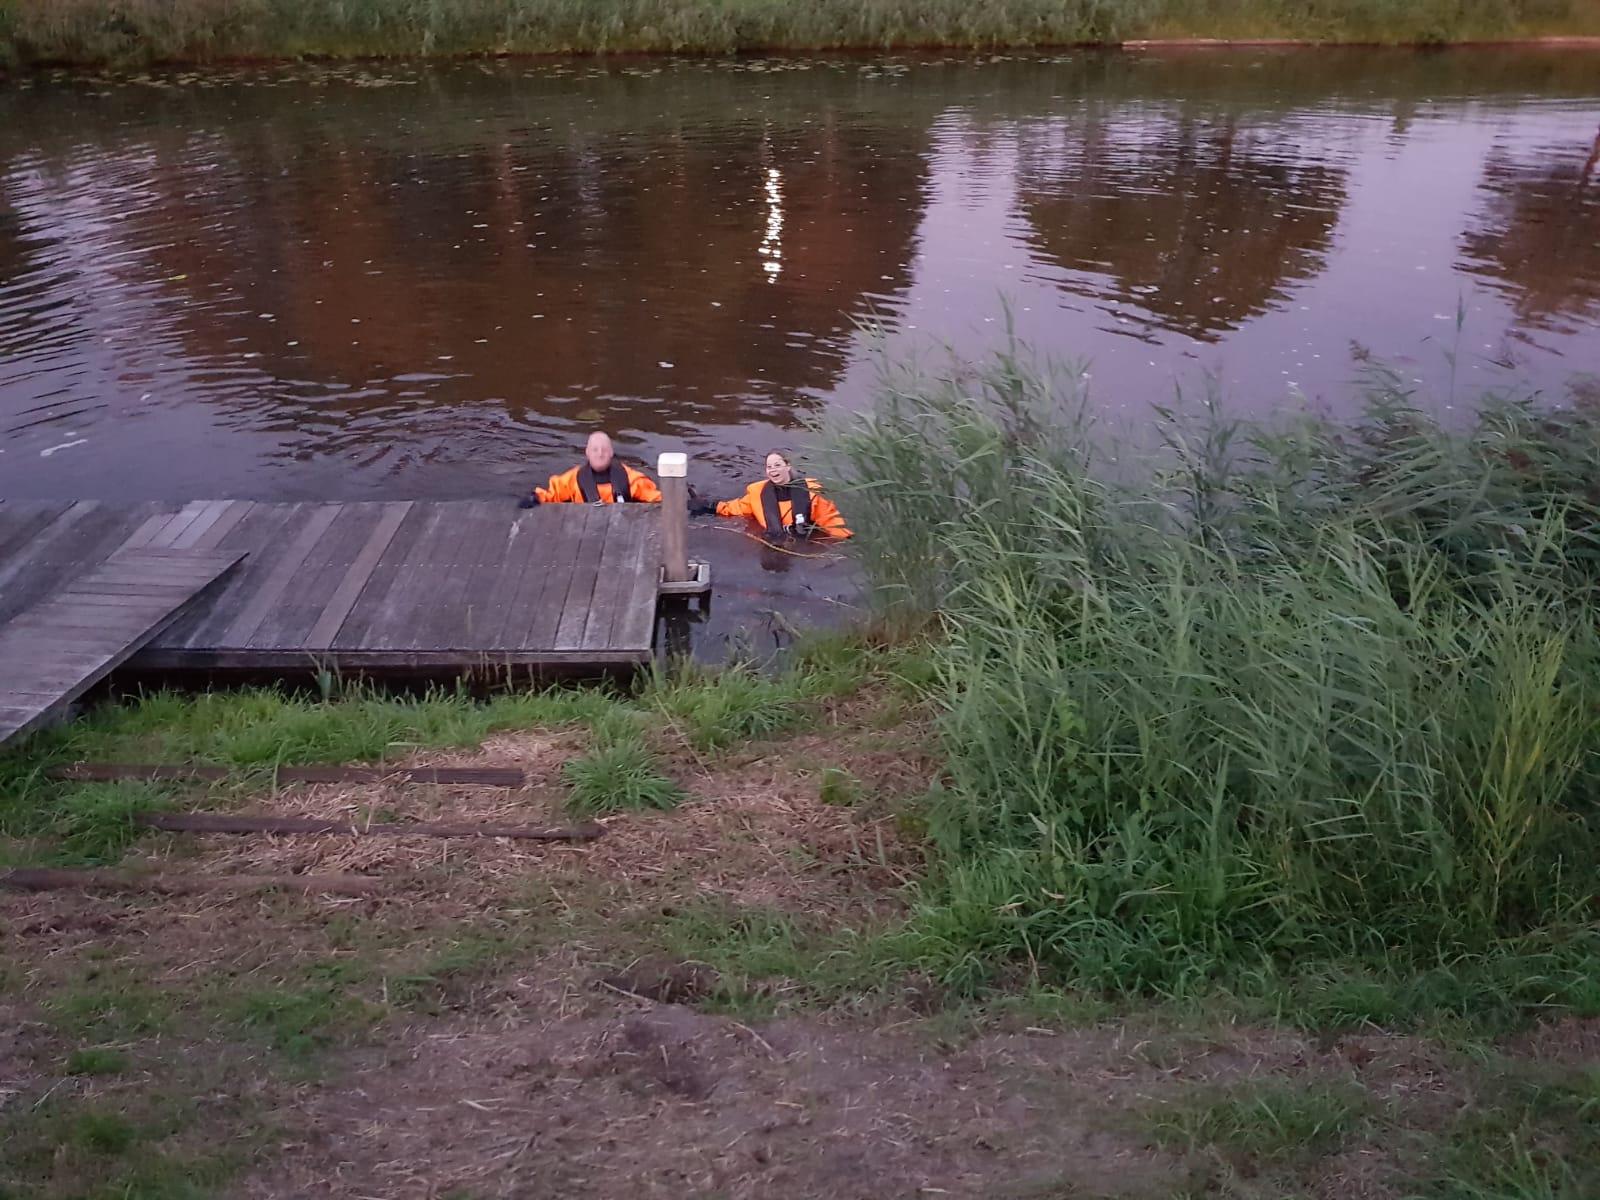 18-09-2018 Oefening Water Ongeval (WO)